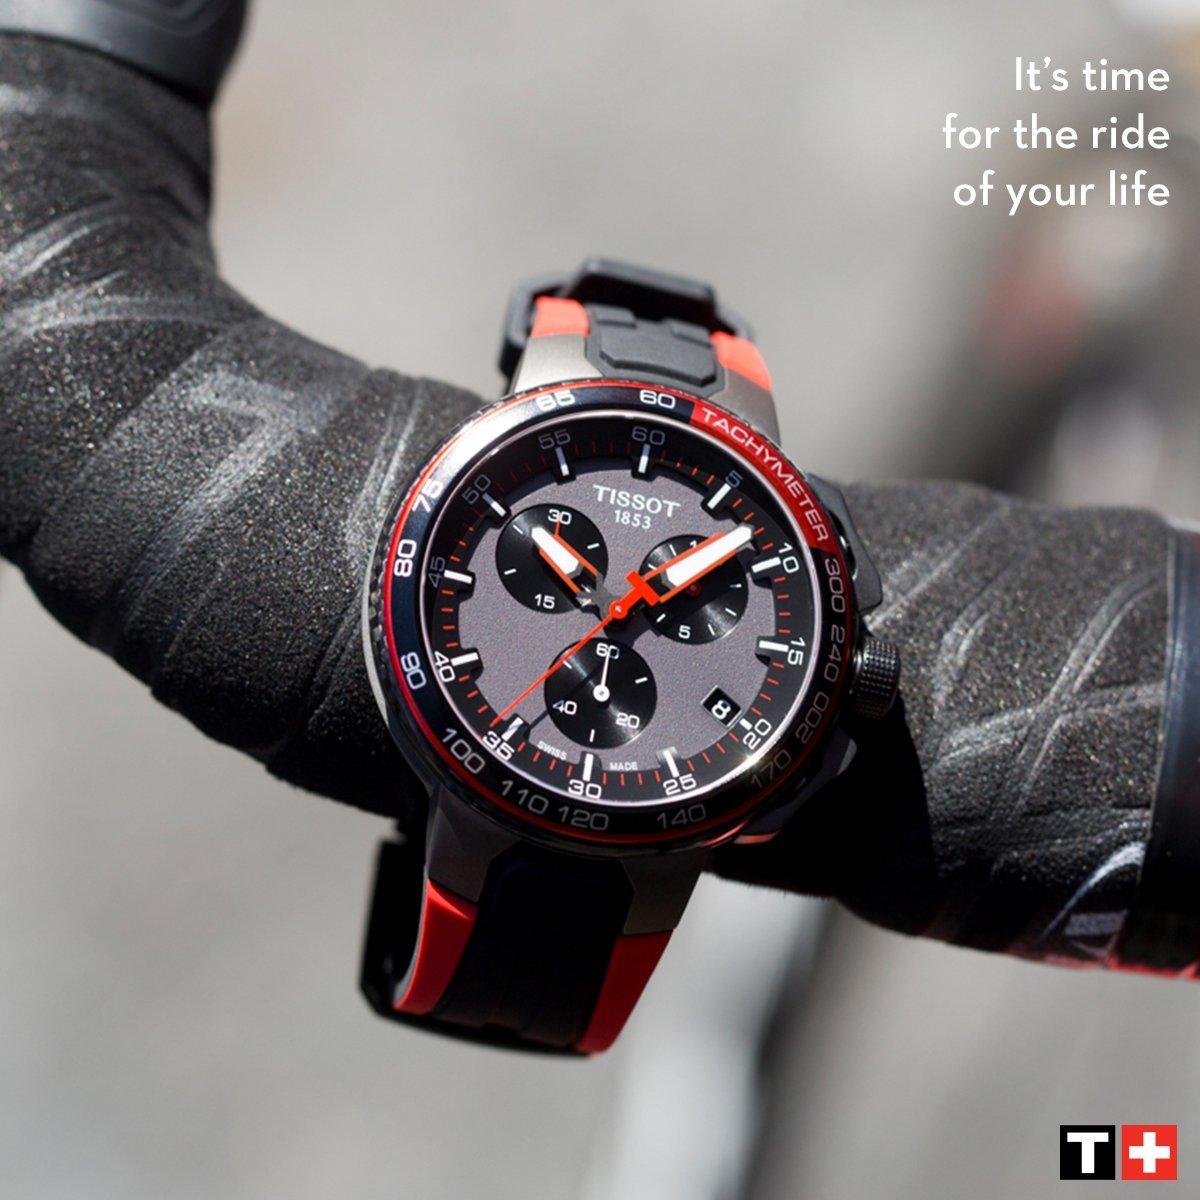 Наручные часы tissot t race часы мужские купить в волгограде casio